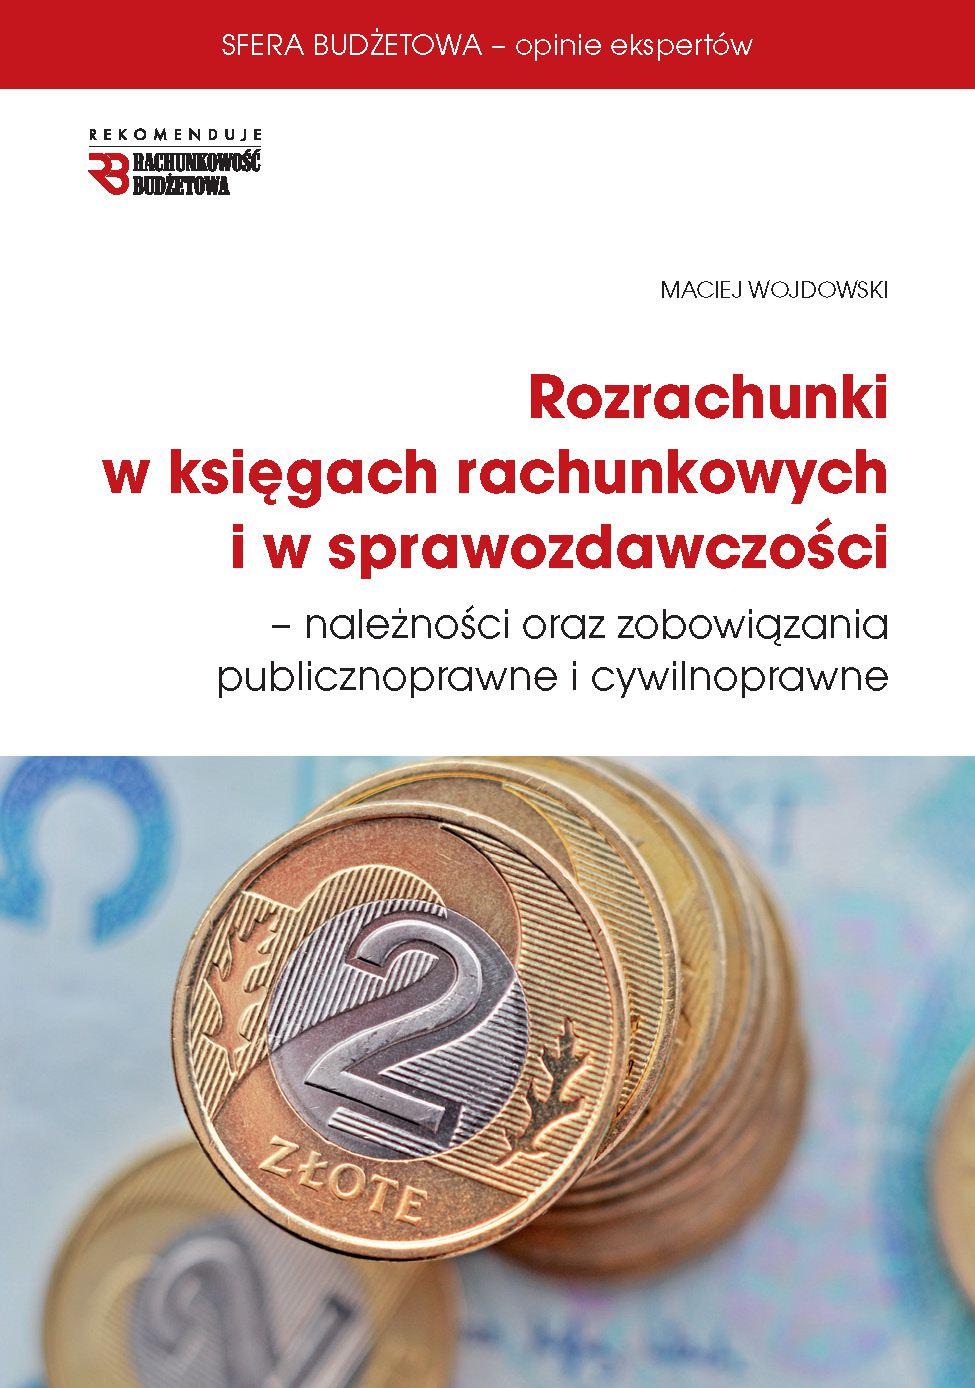 Rozrachunki w księgach rachunkowych  i w sprawozdawczości - Ebook (Książka PDF) do pobrania w formacie PDF